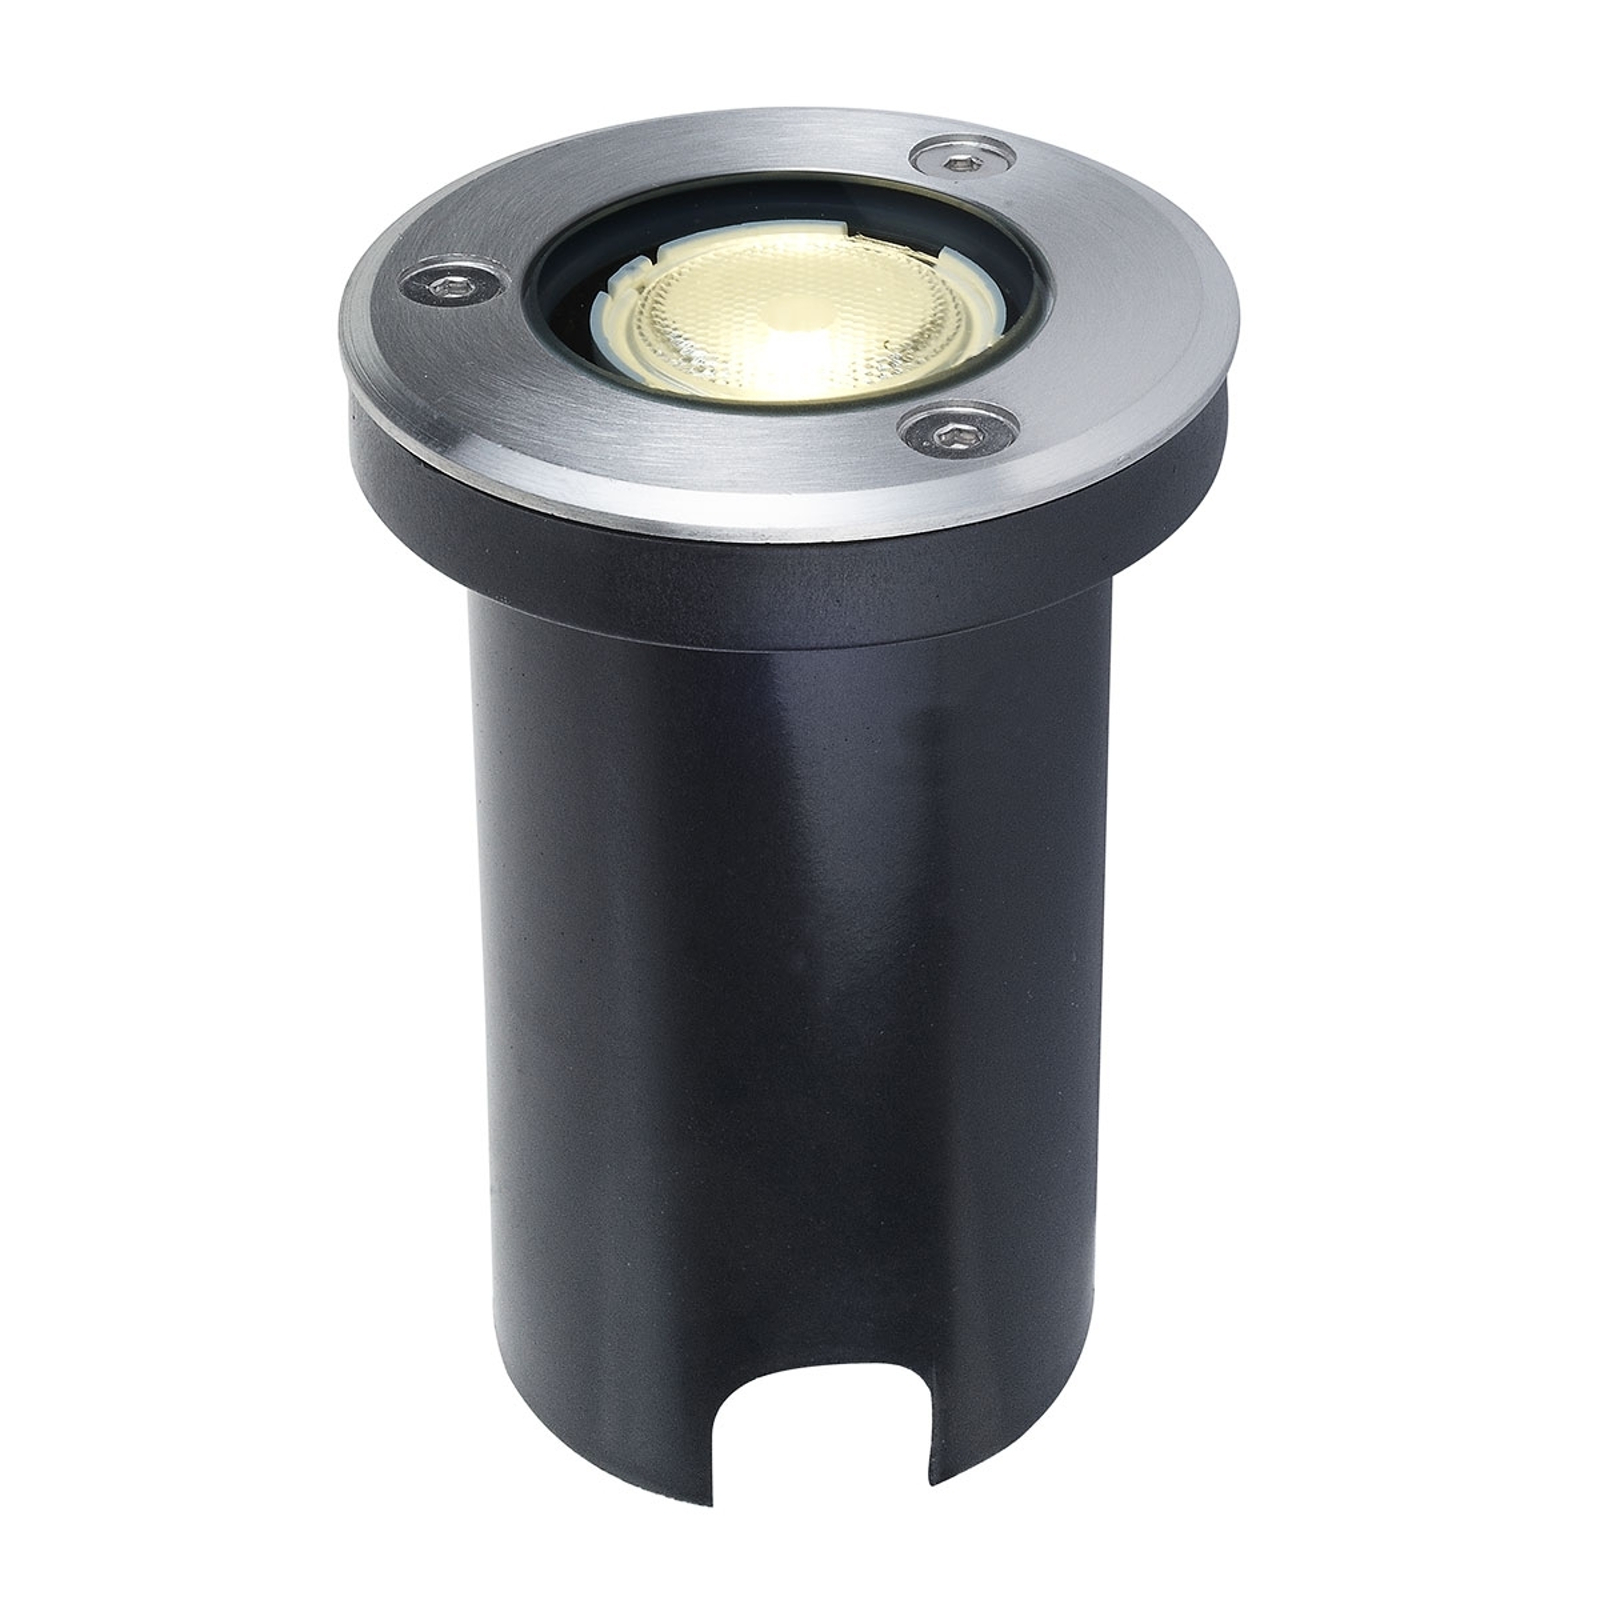 IP67 LED-lattiaspotti Kenan, ruostumatonta terästä